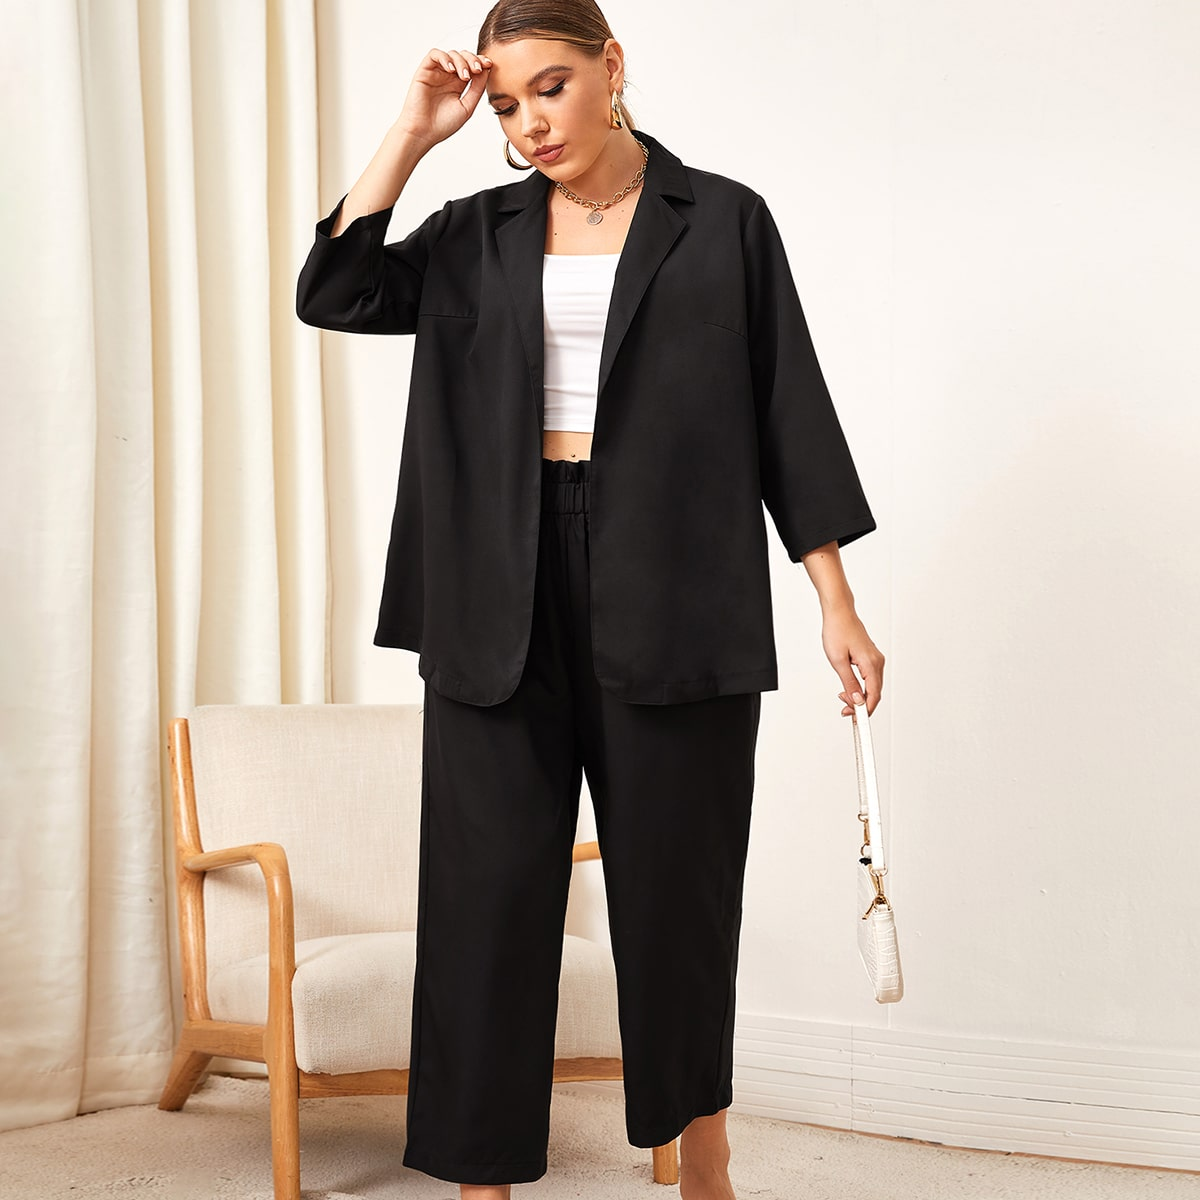 Пиджак с лацканами и брюки размера плюс